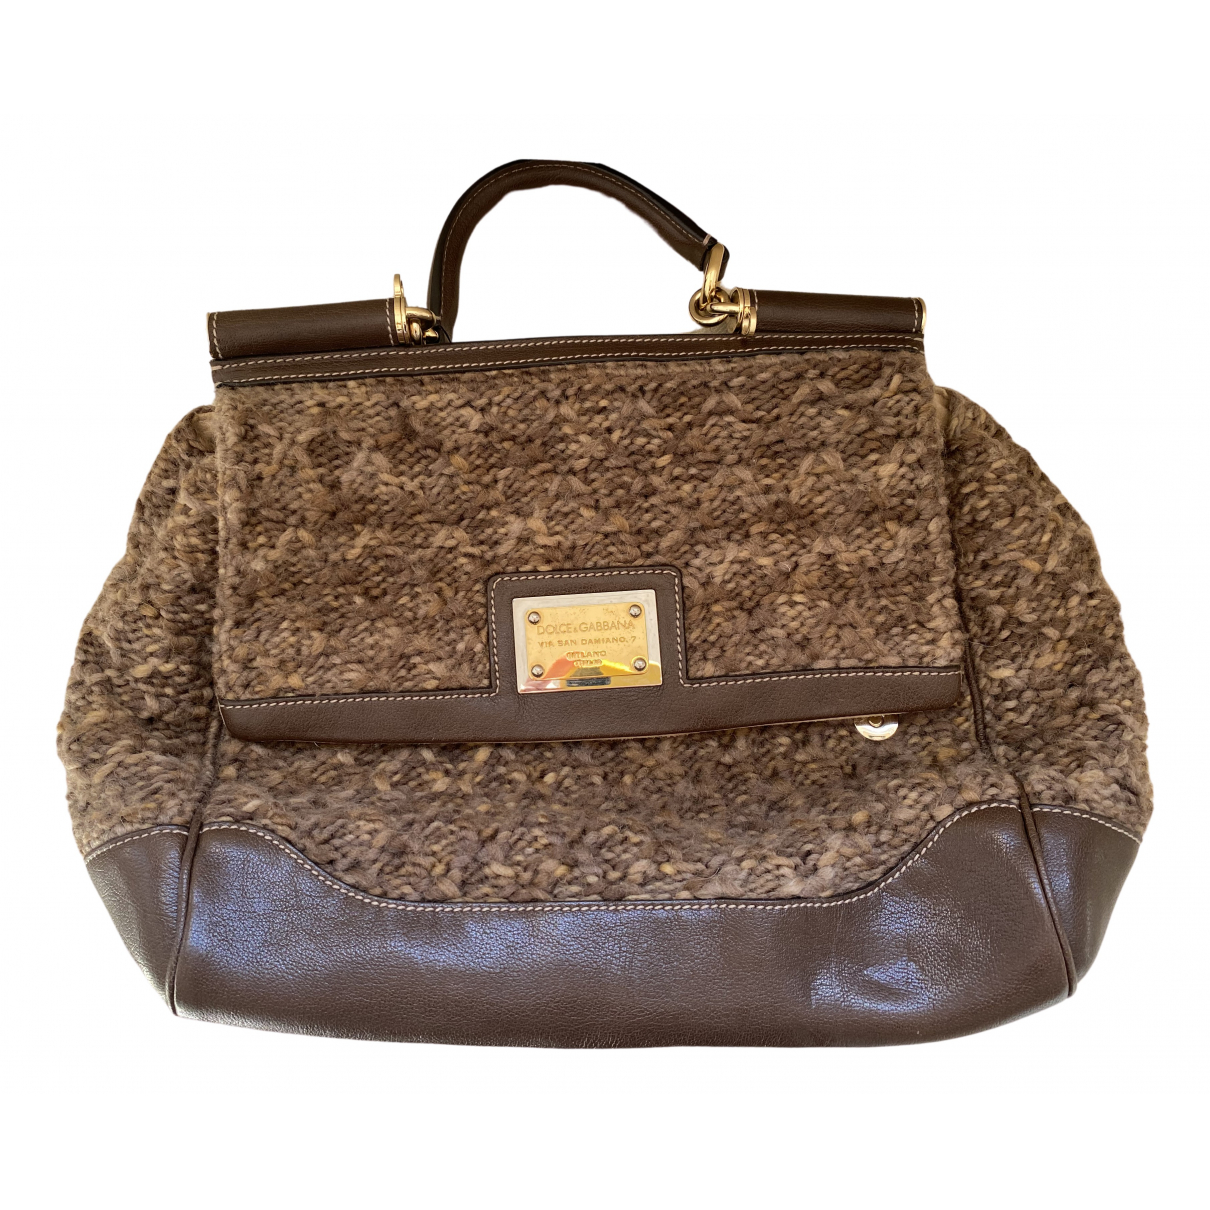 Dolce & Gabbana Sicily Handtasche in  Braun Wolle